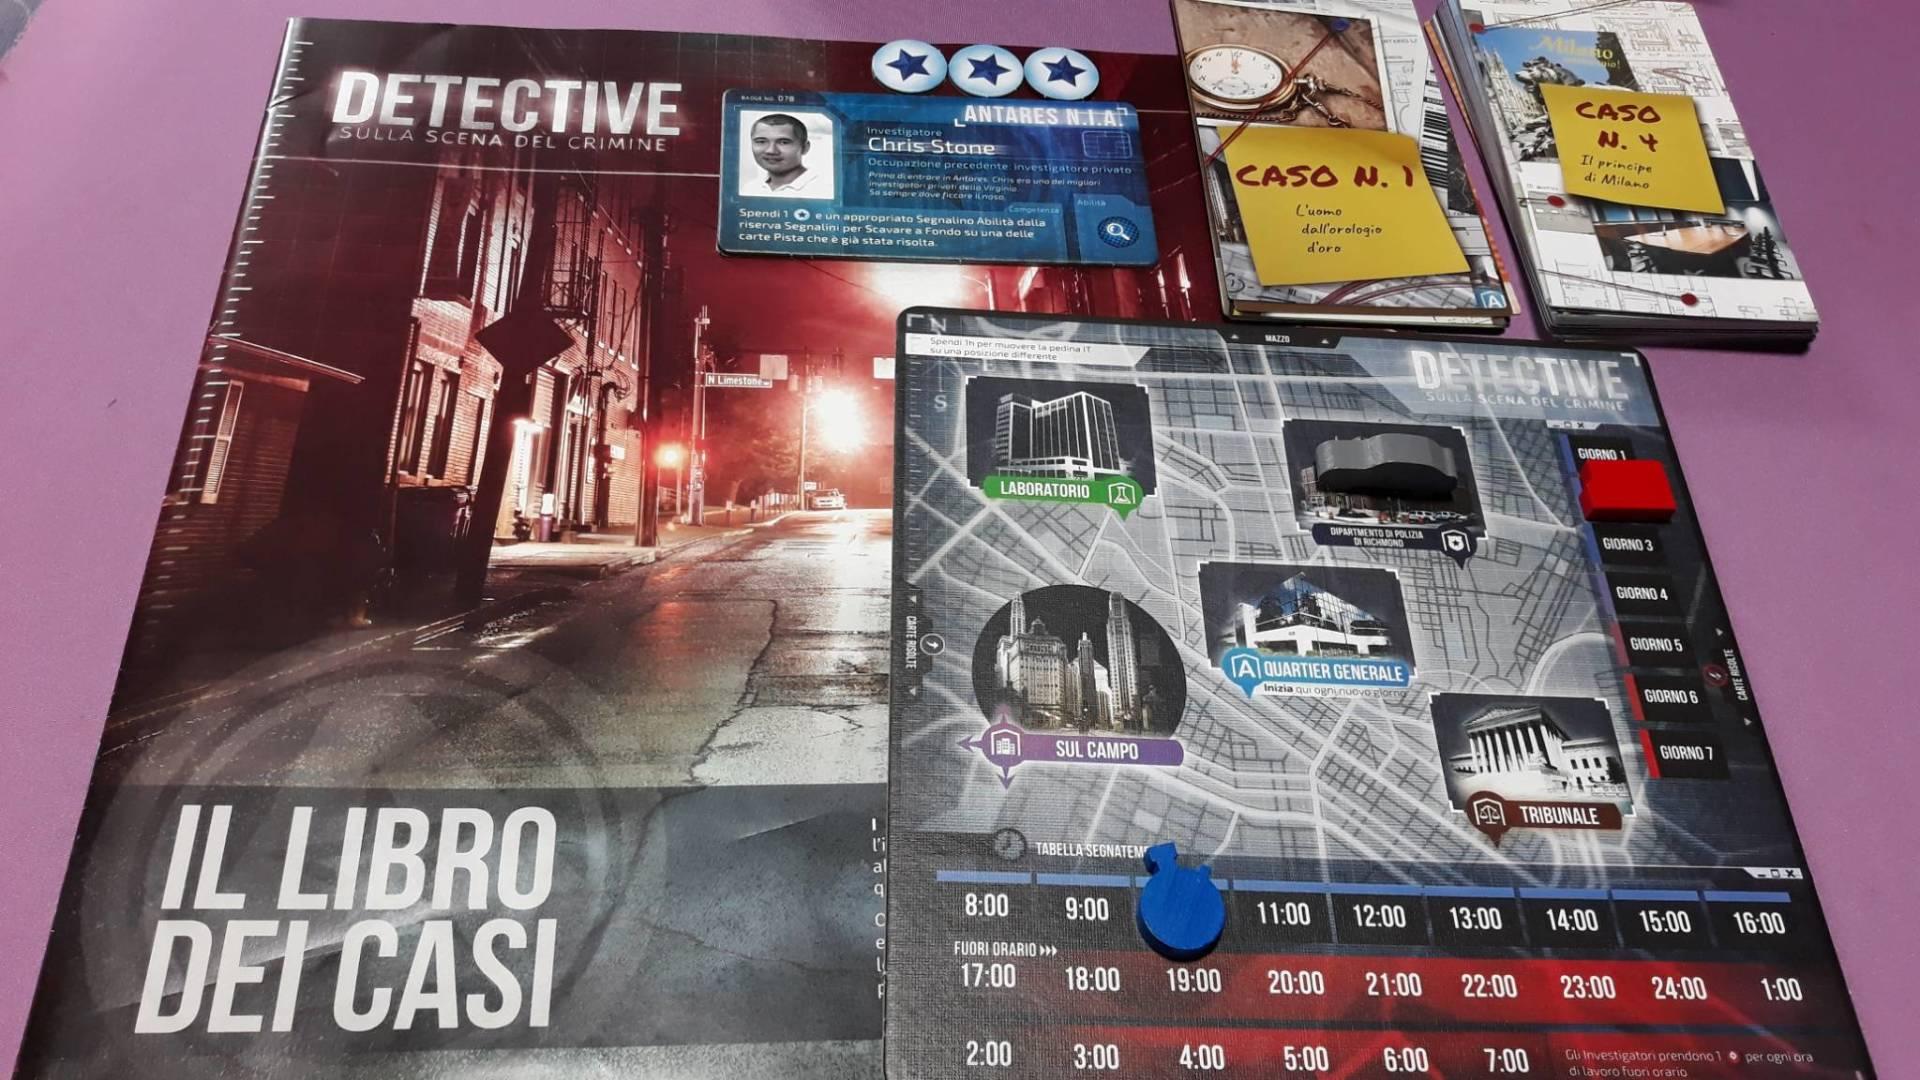 giochi da tavolo investigativi